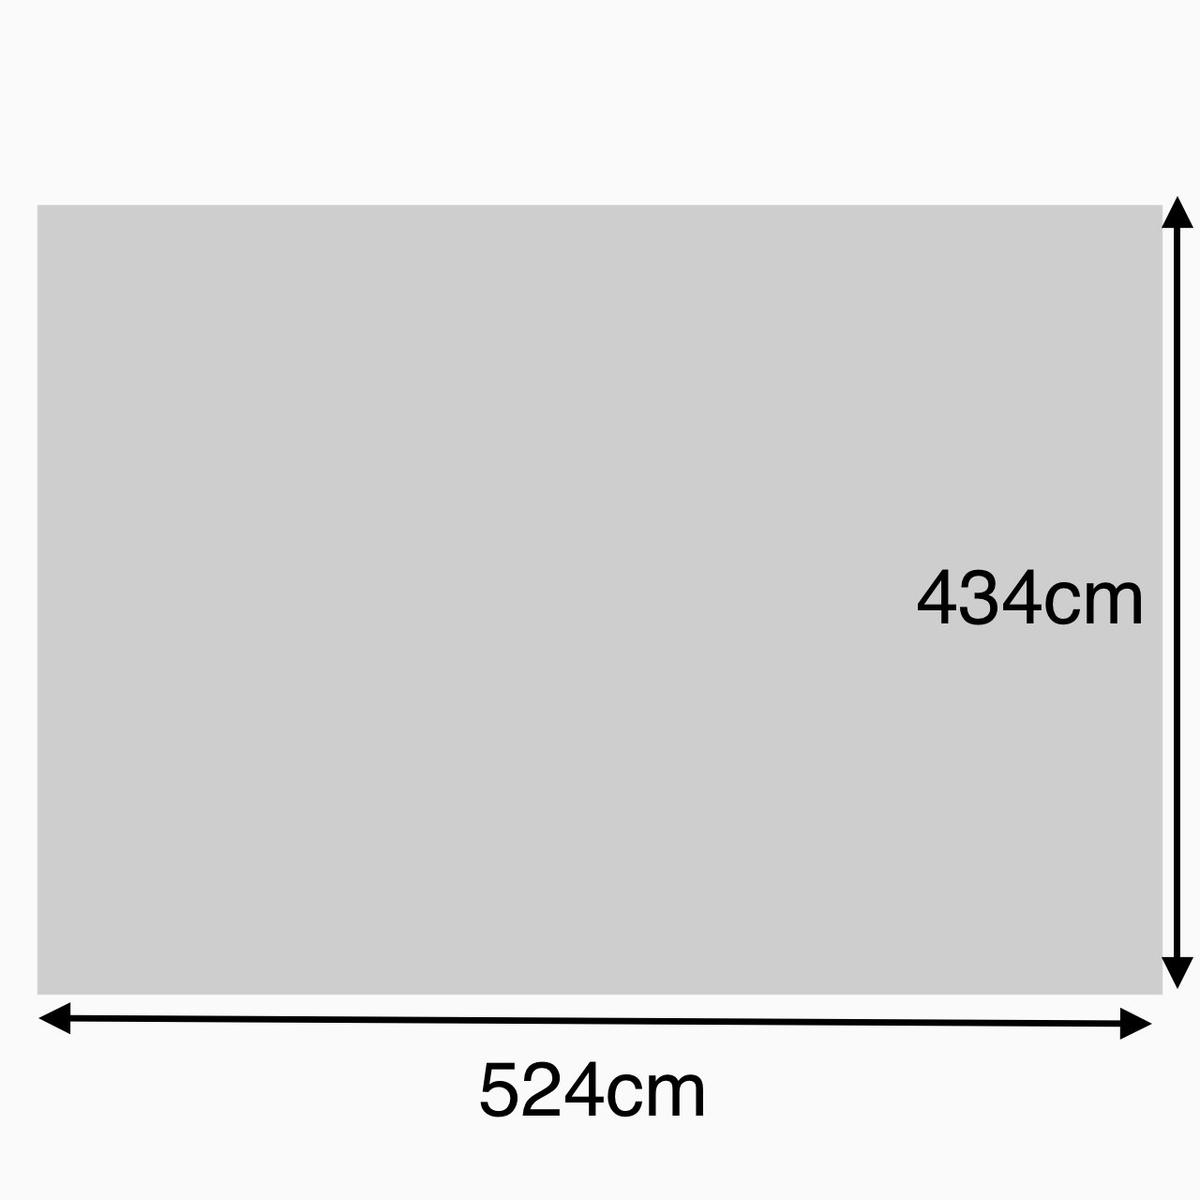 f:id:mae3:20210725220712j:plain